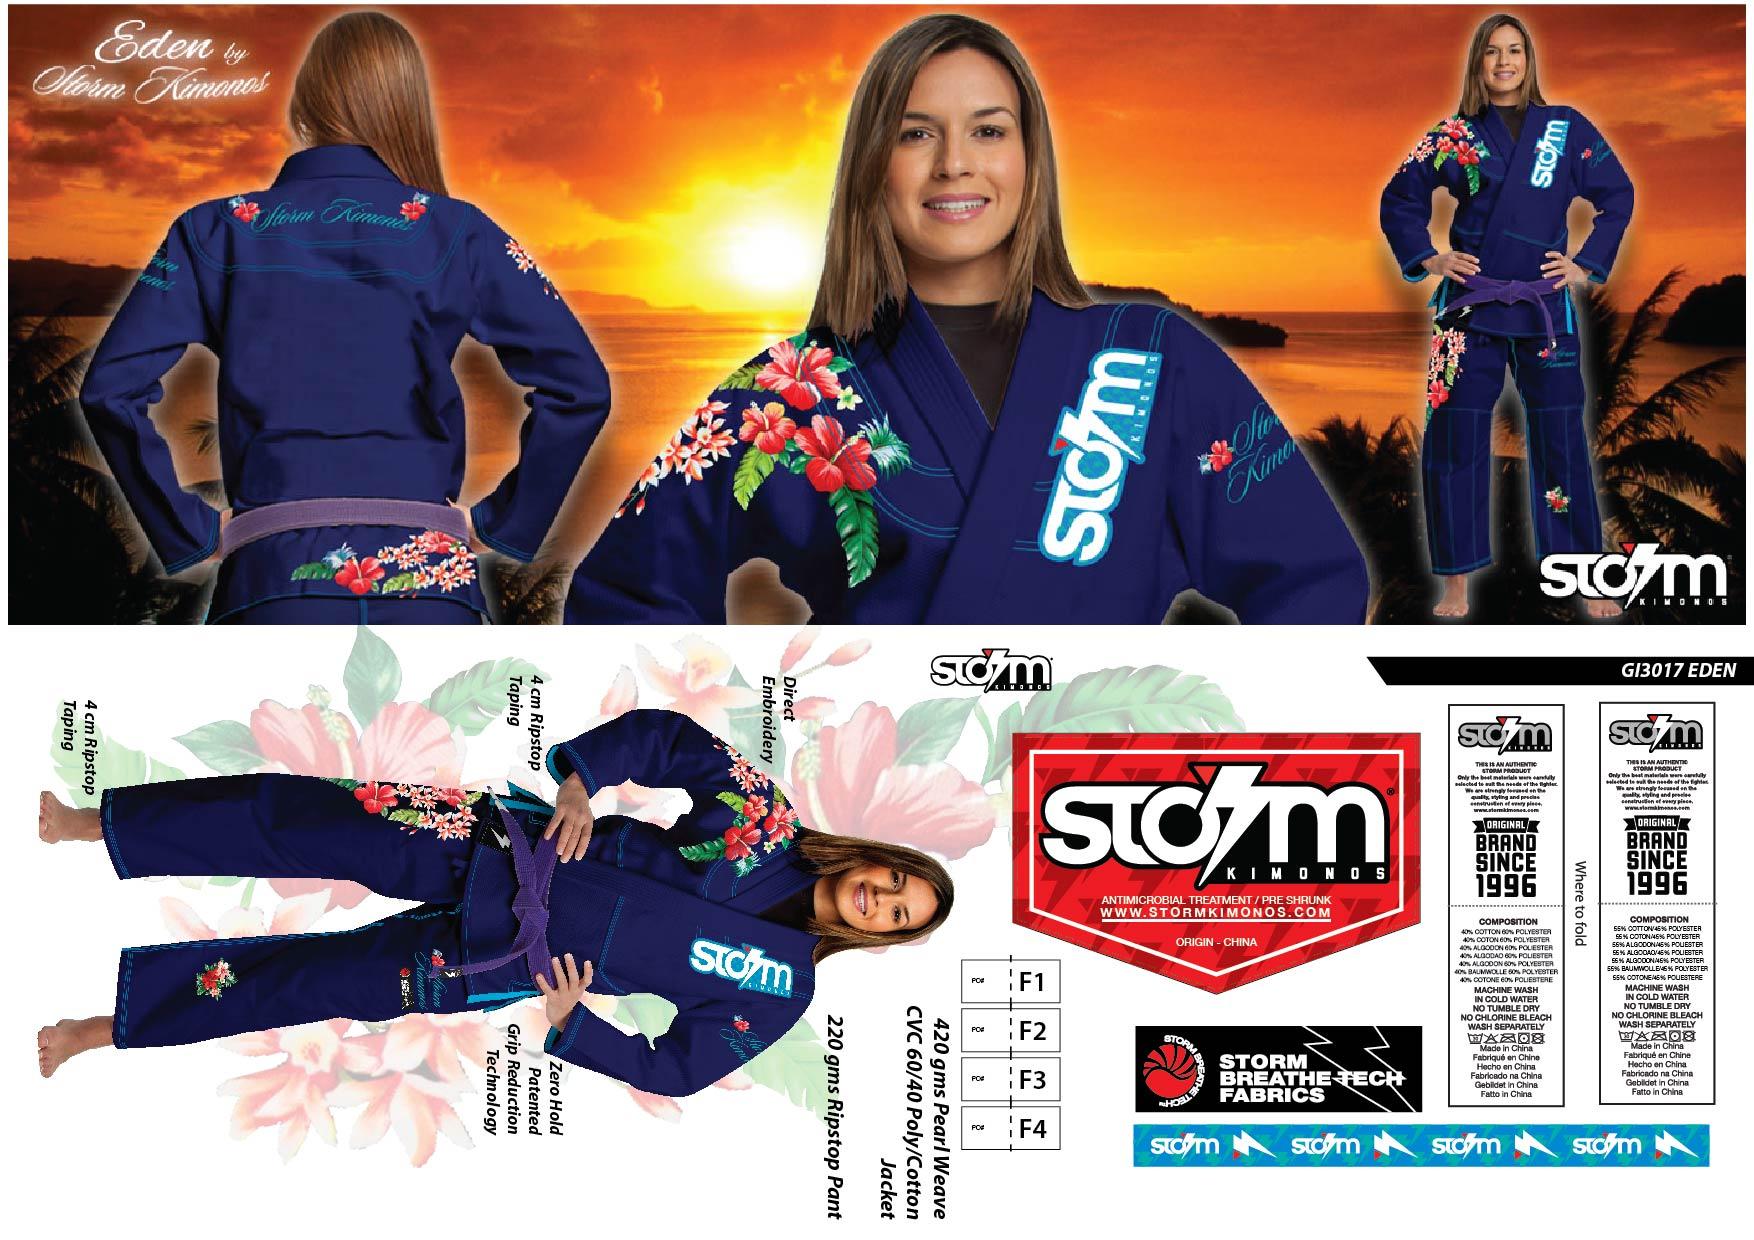 5 GI3017 STORM Kimonos® Eden - B